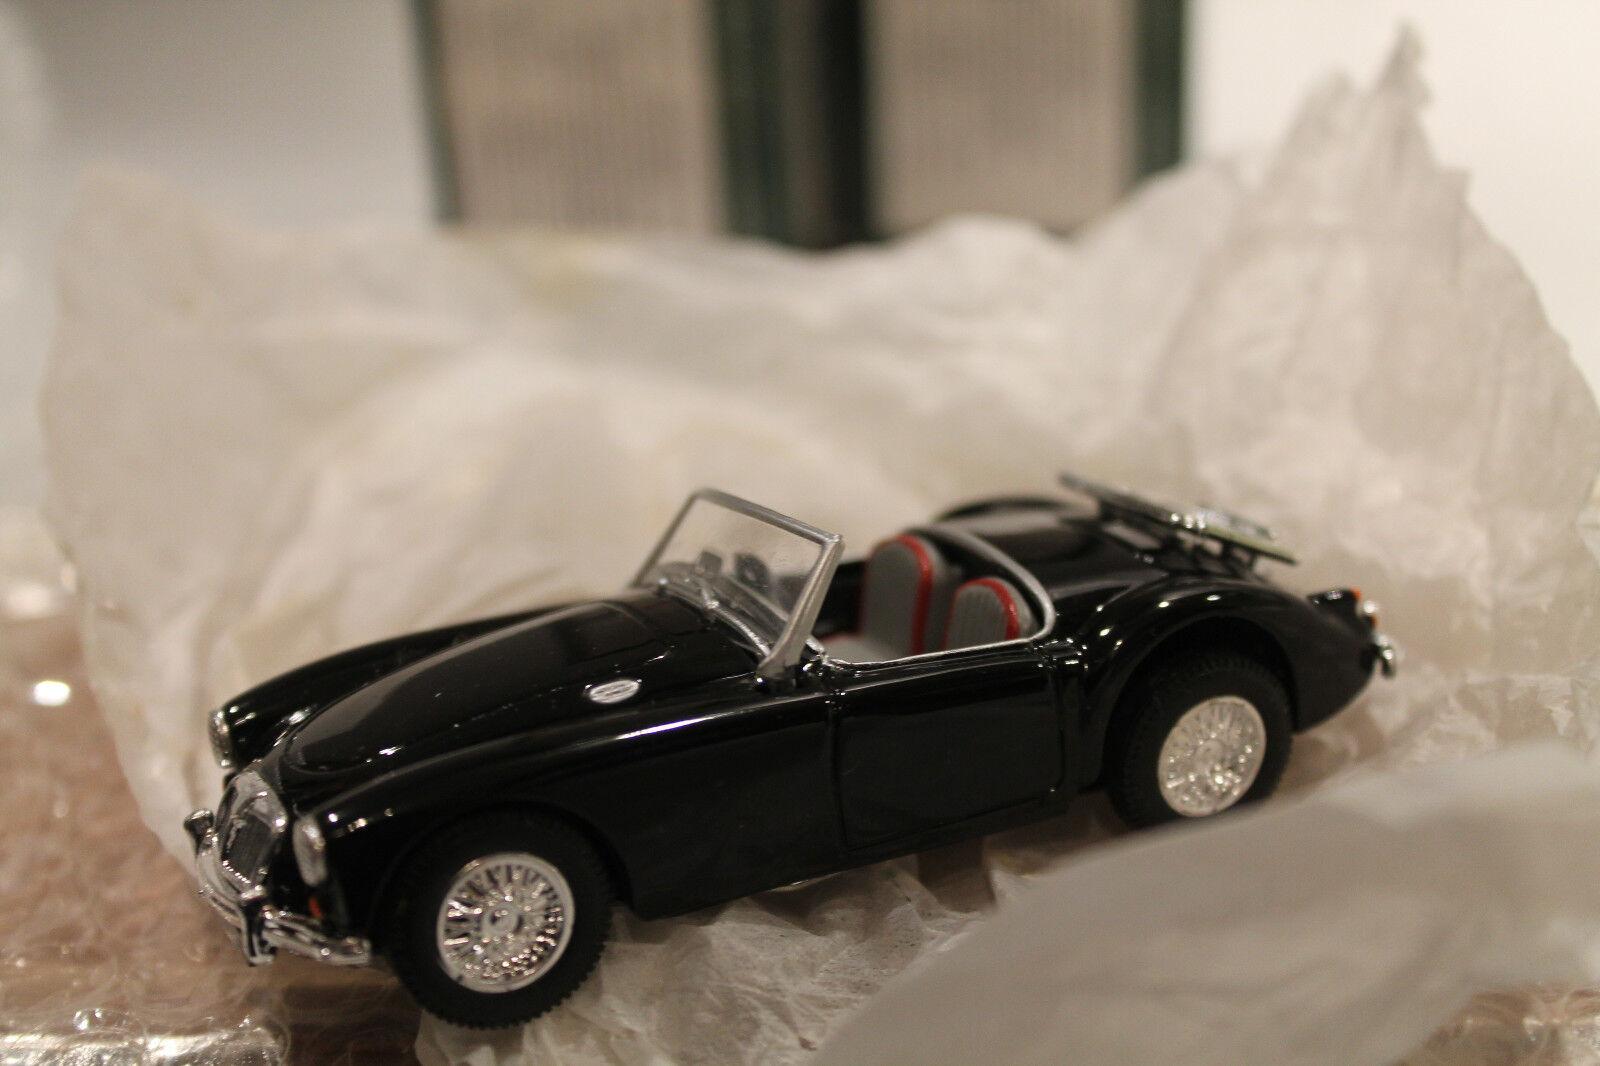 CORGI TOYS  CLASSIC BRITISH SPORTS CARS SET  8 MODELLE  OVP  MINT  1 43